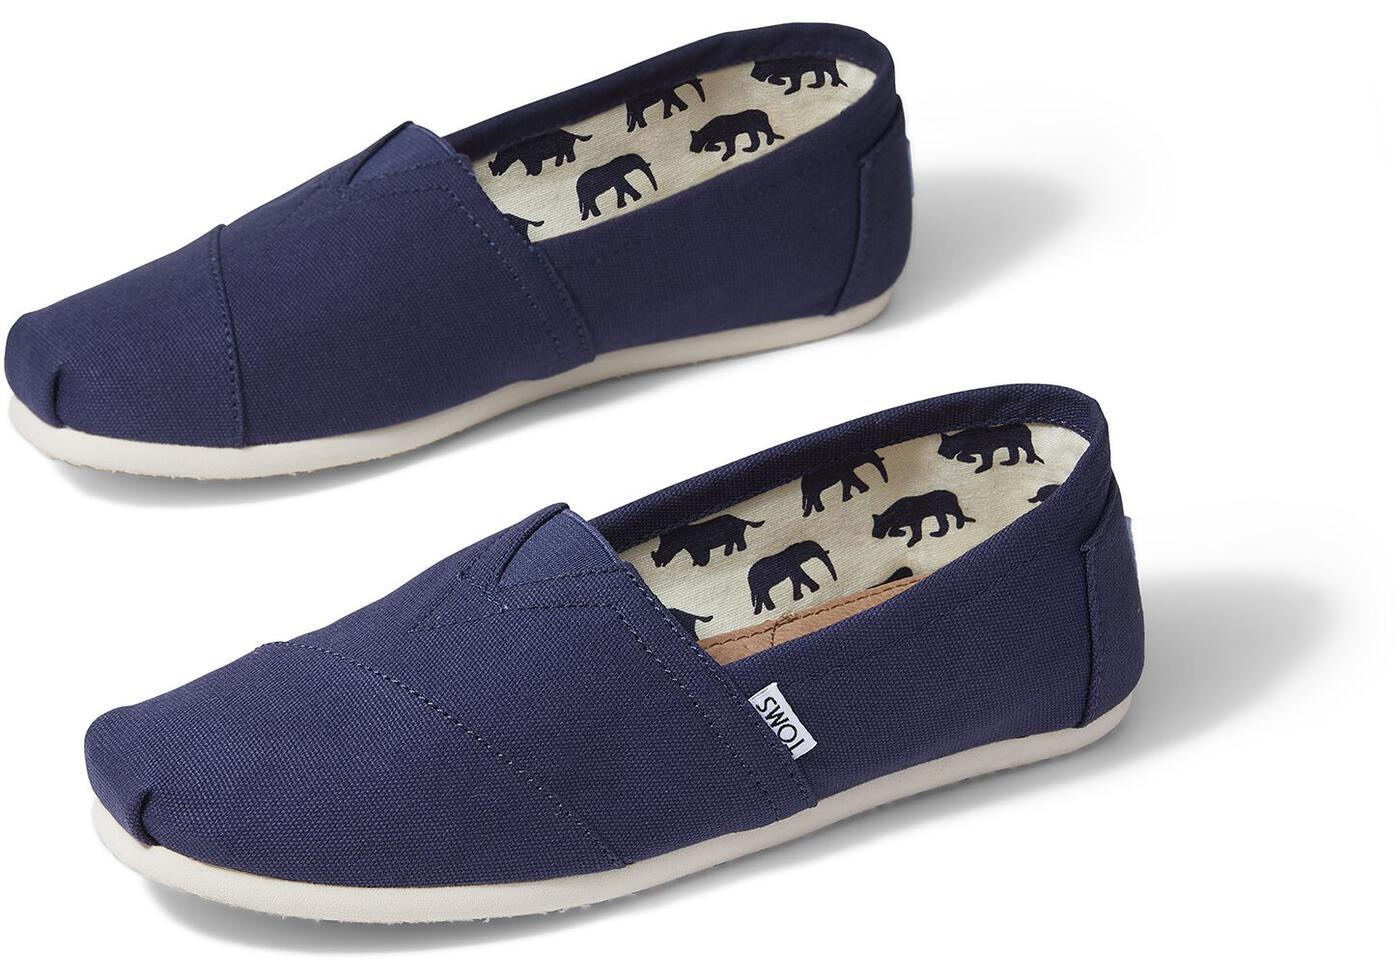 thumbnail 20 - TOMS Women's Classic Alpargata Slip On Shoes